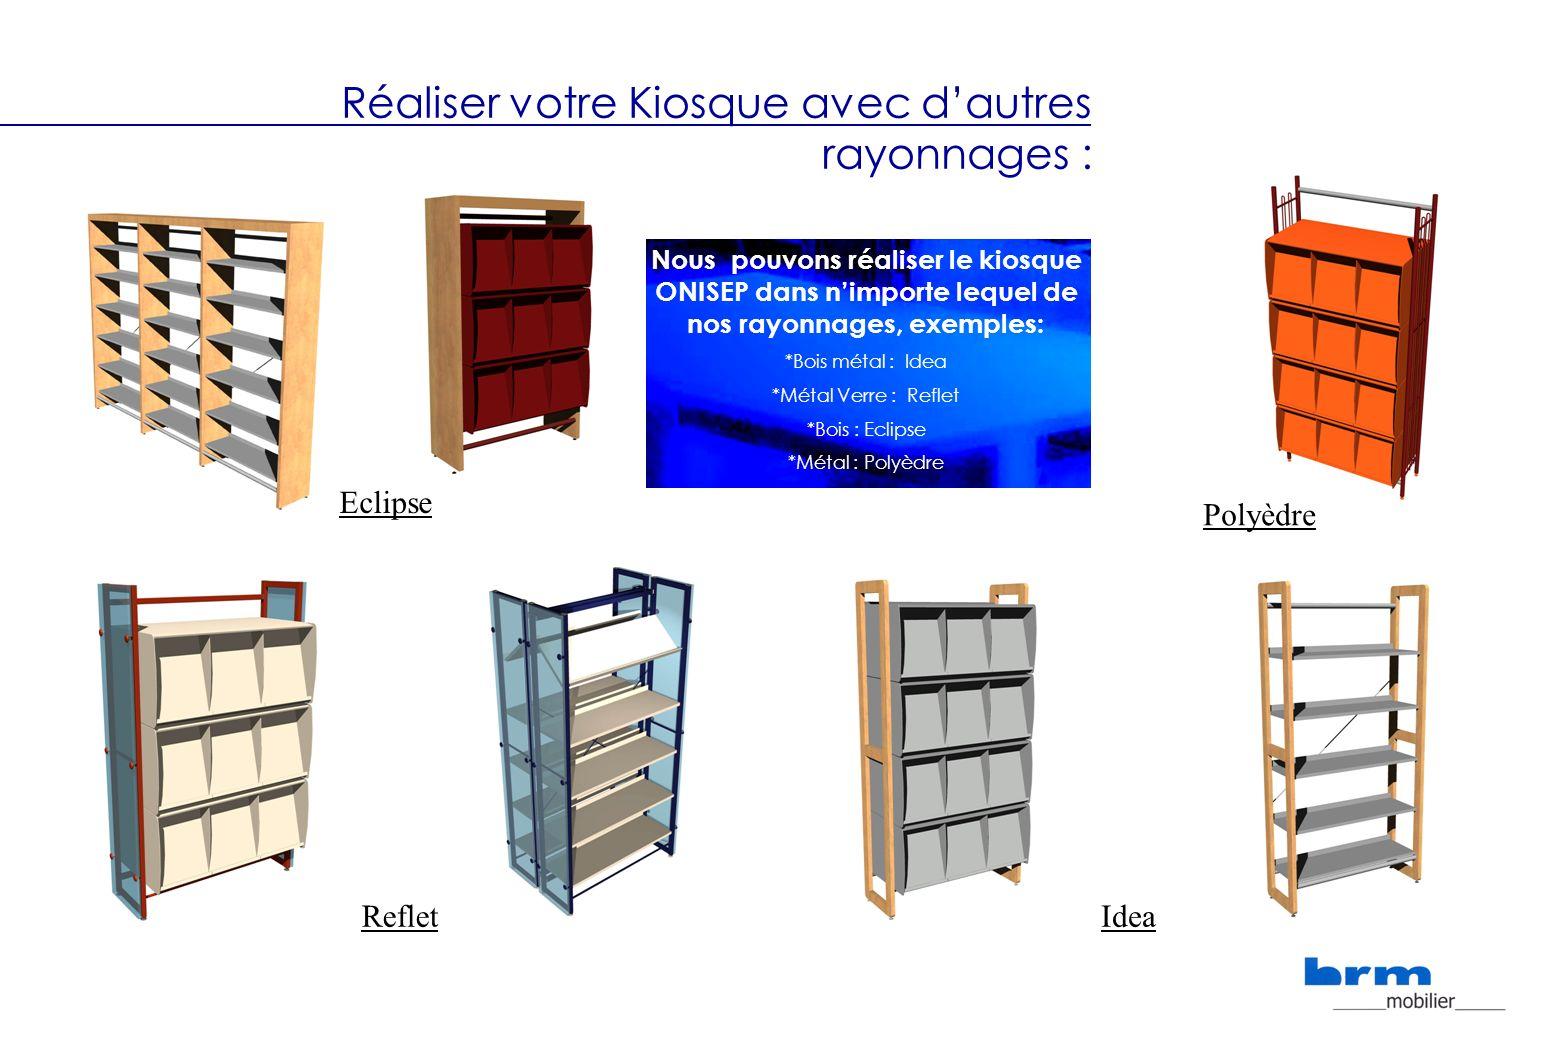 Réaliser votre Kiosque avec dautres rayonnages : Nous pouvons réaliser le kiosque ONISEP dans nimporte lequel de nos rayonnages, exemples: *Bois métal